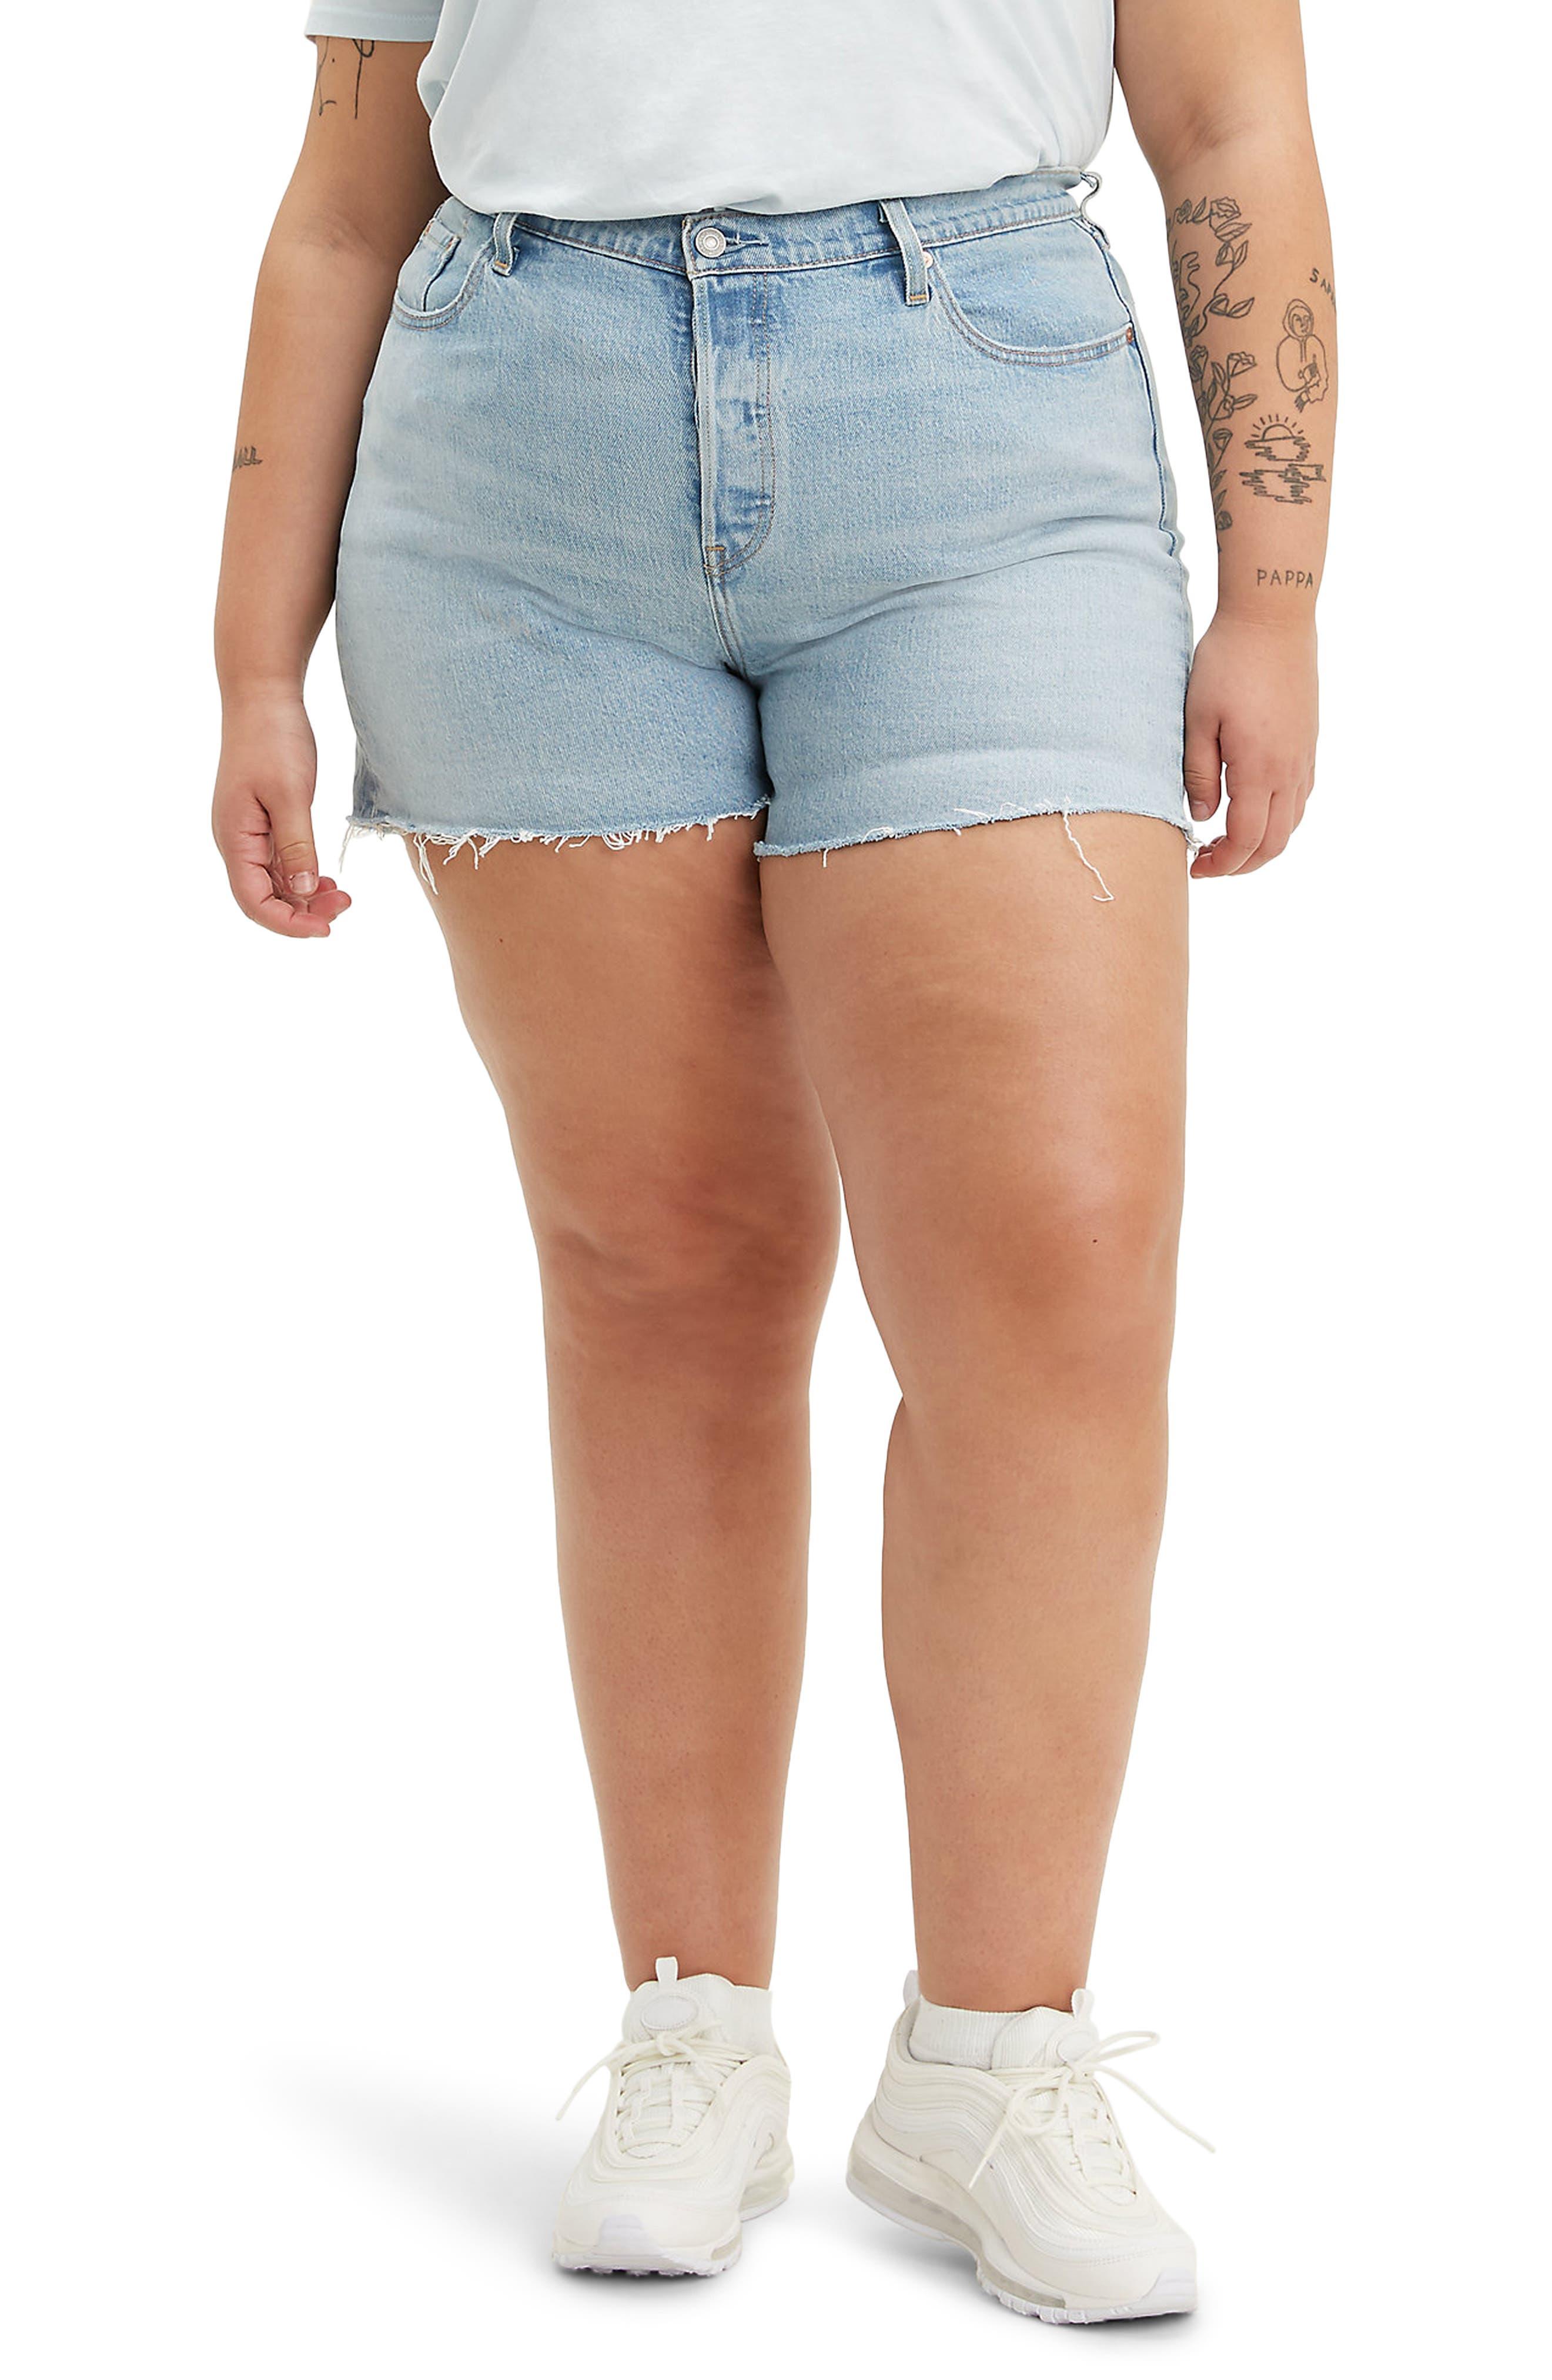 Plus Women's Levi's 501 Original Denim Shorts